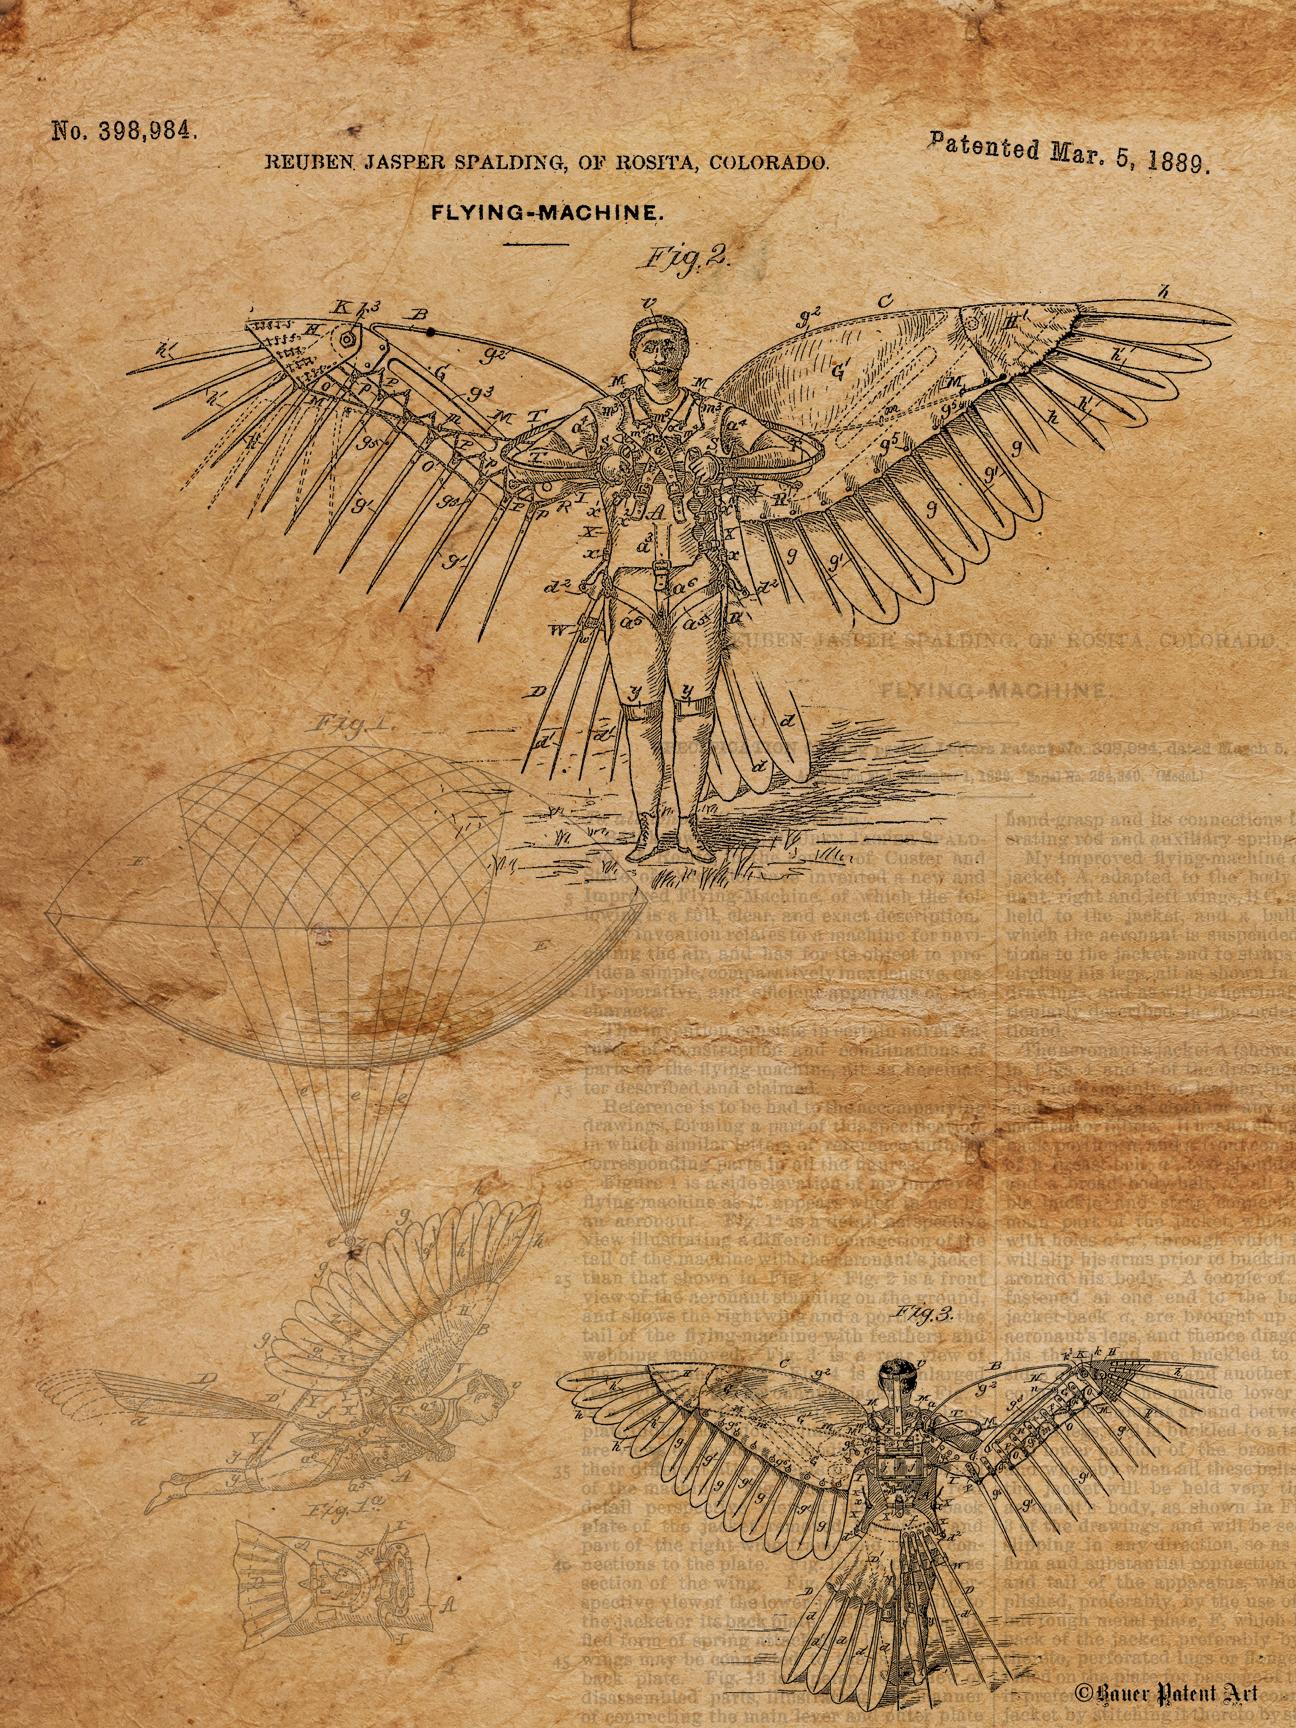 vintage patent drawings artwork